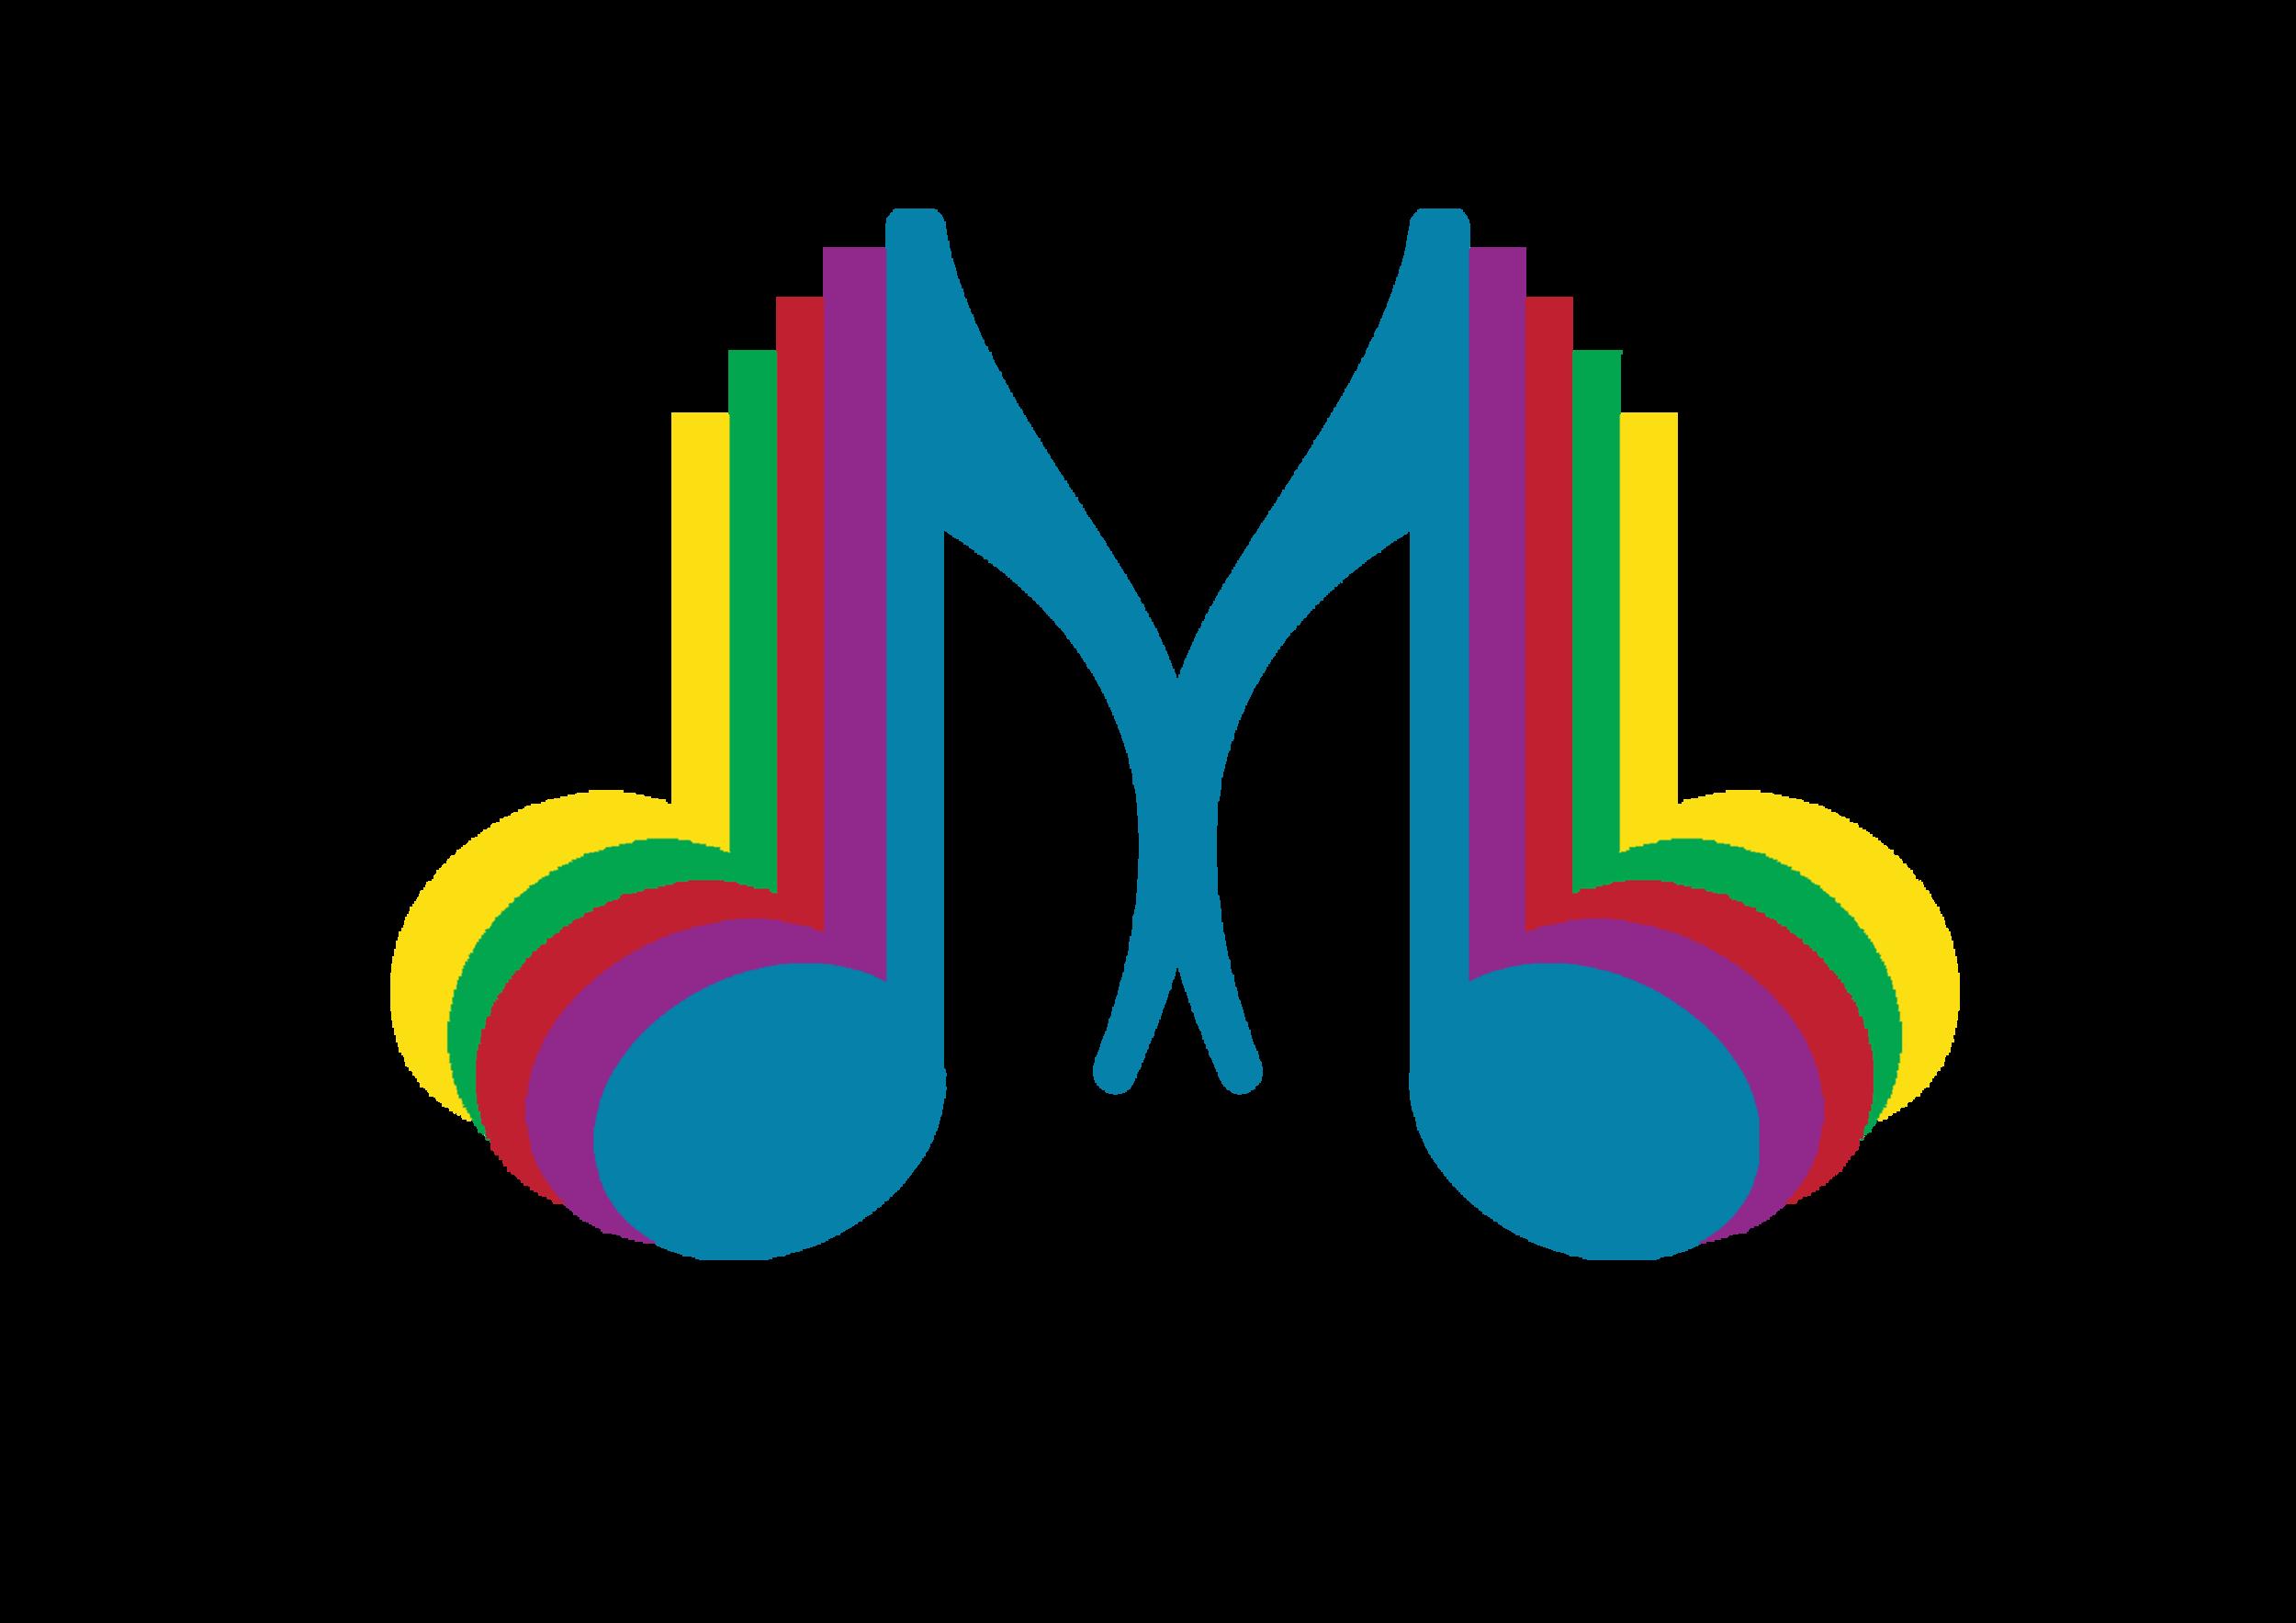 Melbourne International Singers Festival 2019 MISF19